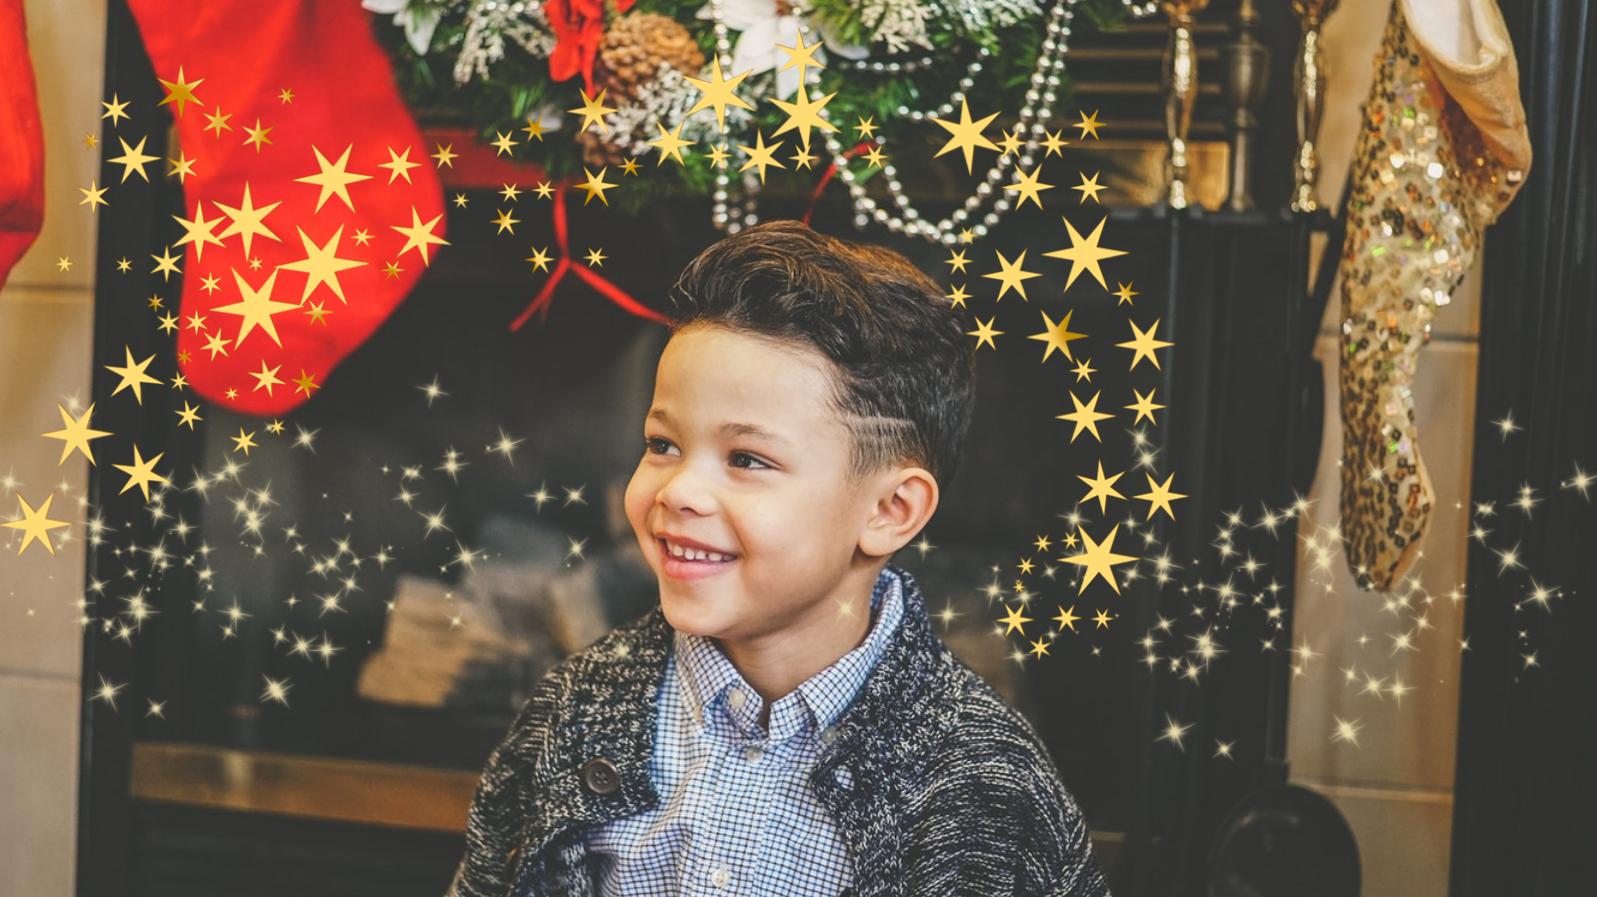 В ожидании Нового года: 7 вещей, которые нужно успеть сделать с ребенком до конца декабря